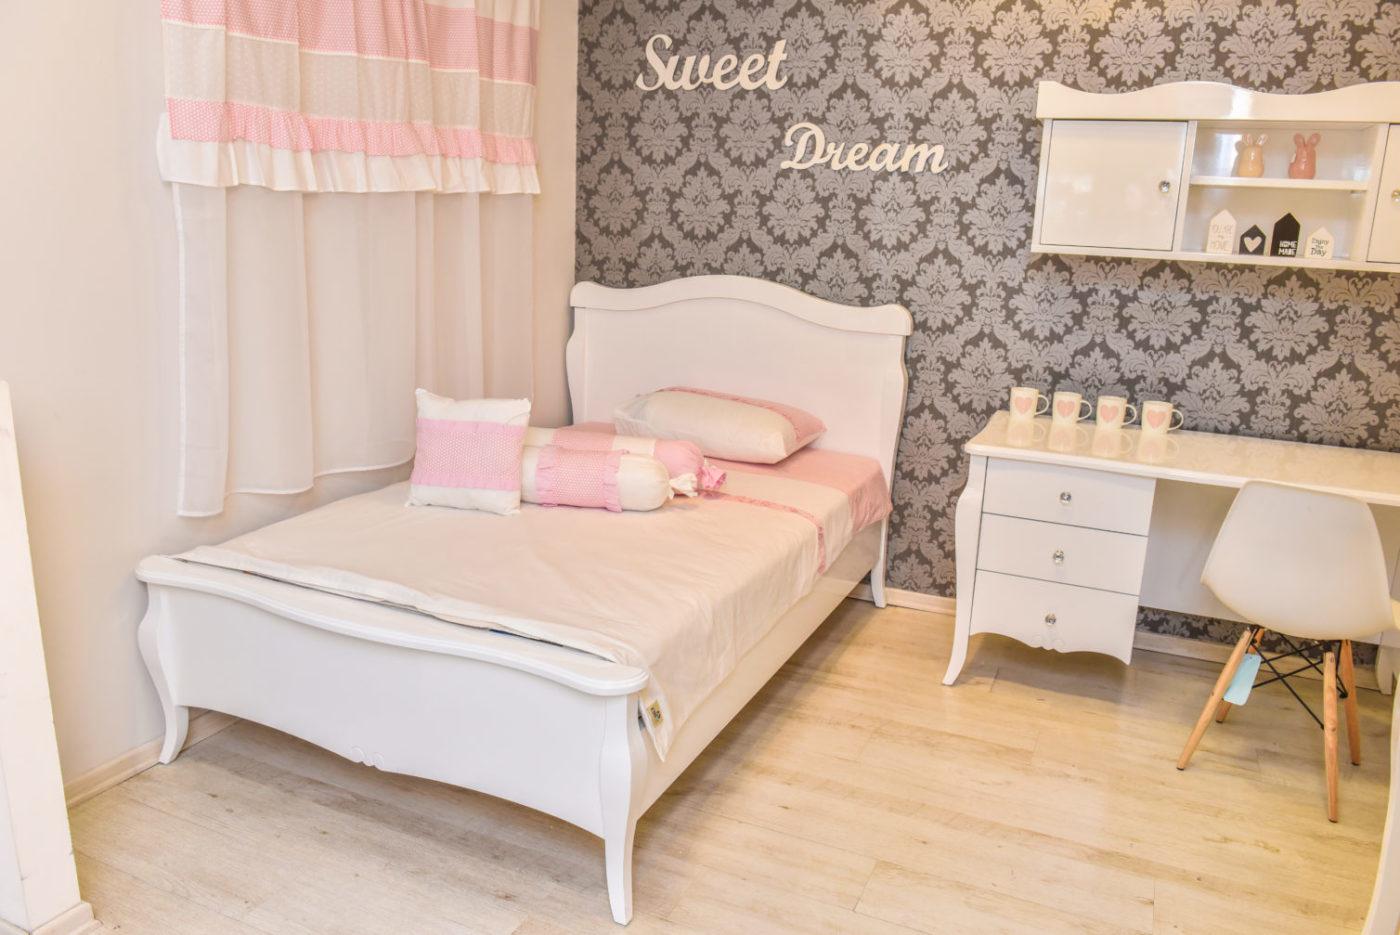 תוספת מיטות וחצי Archives - My Room - חדרים מעוצבים לילדים ונוער TA-94